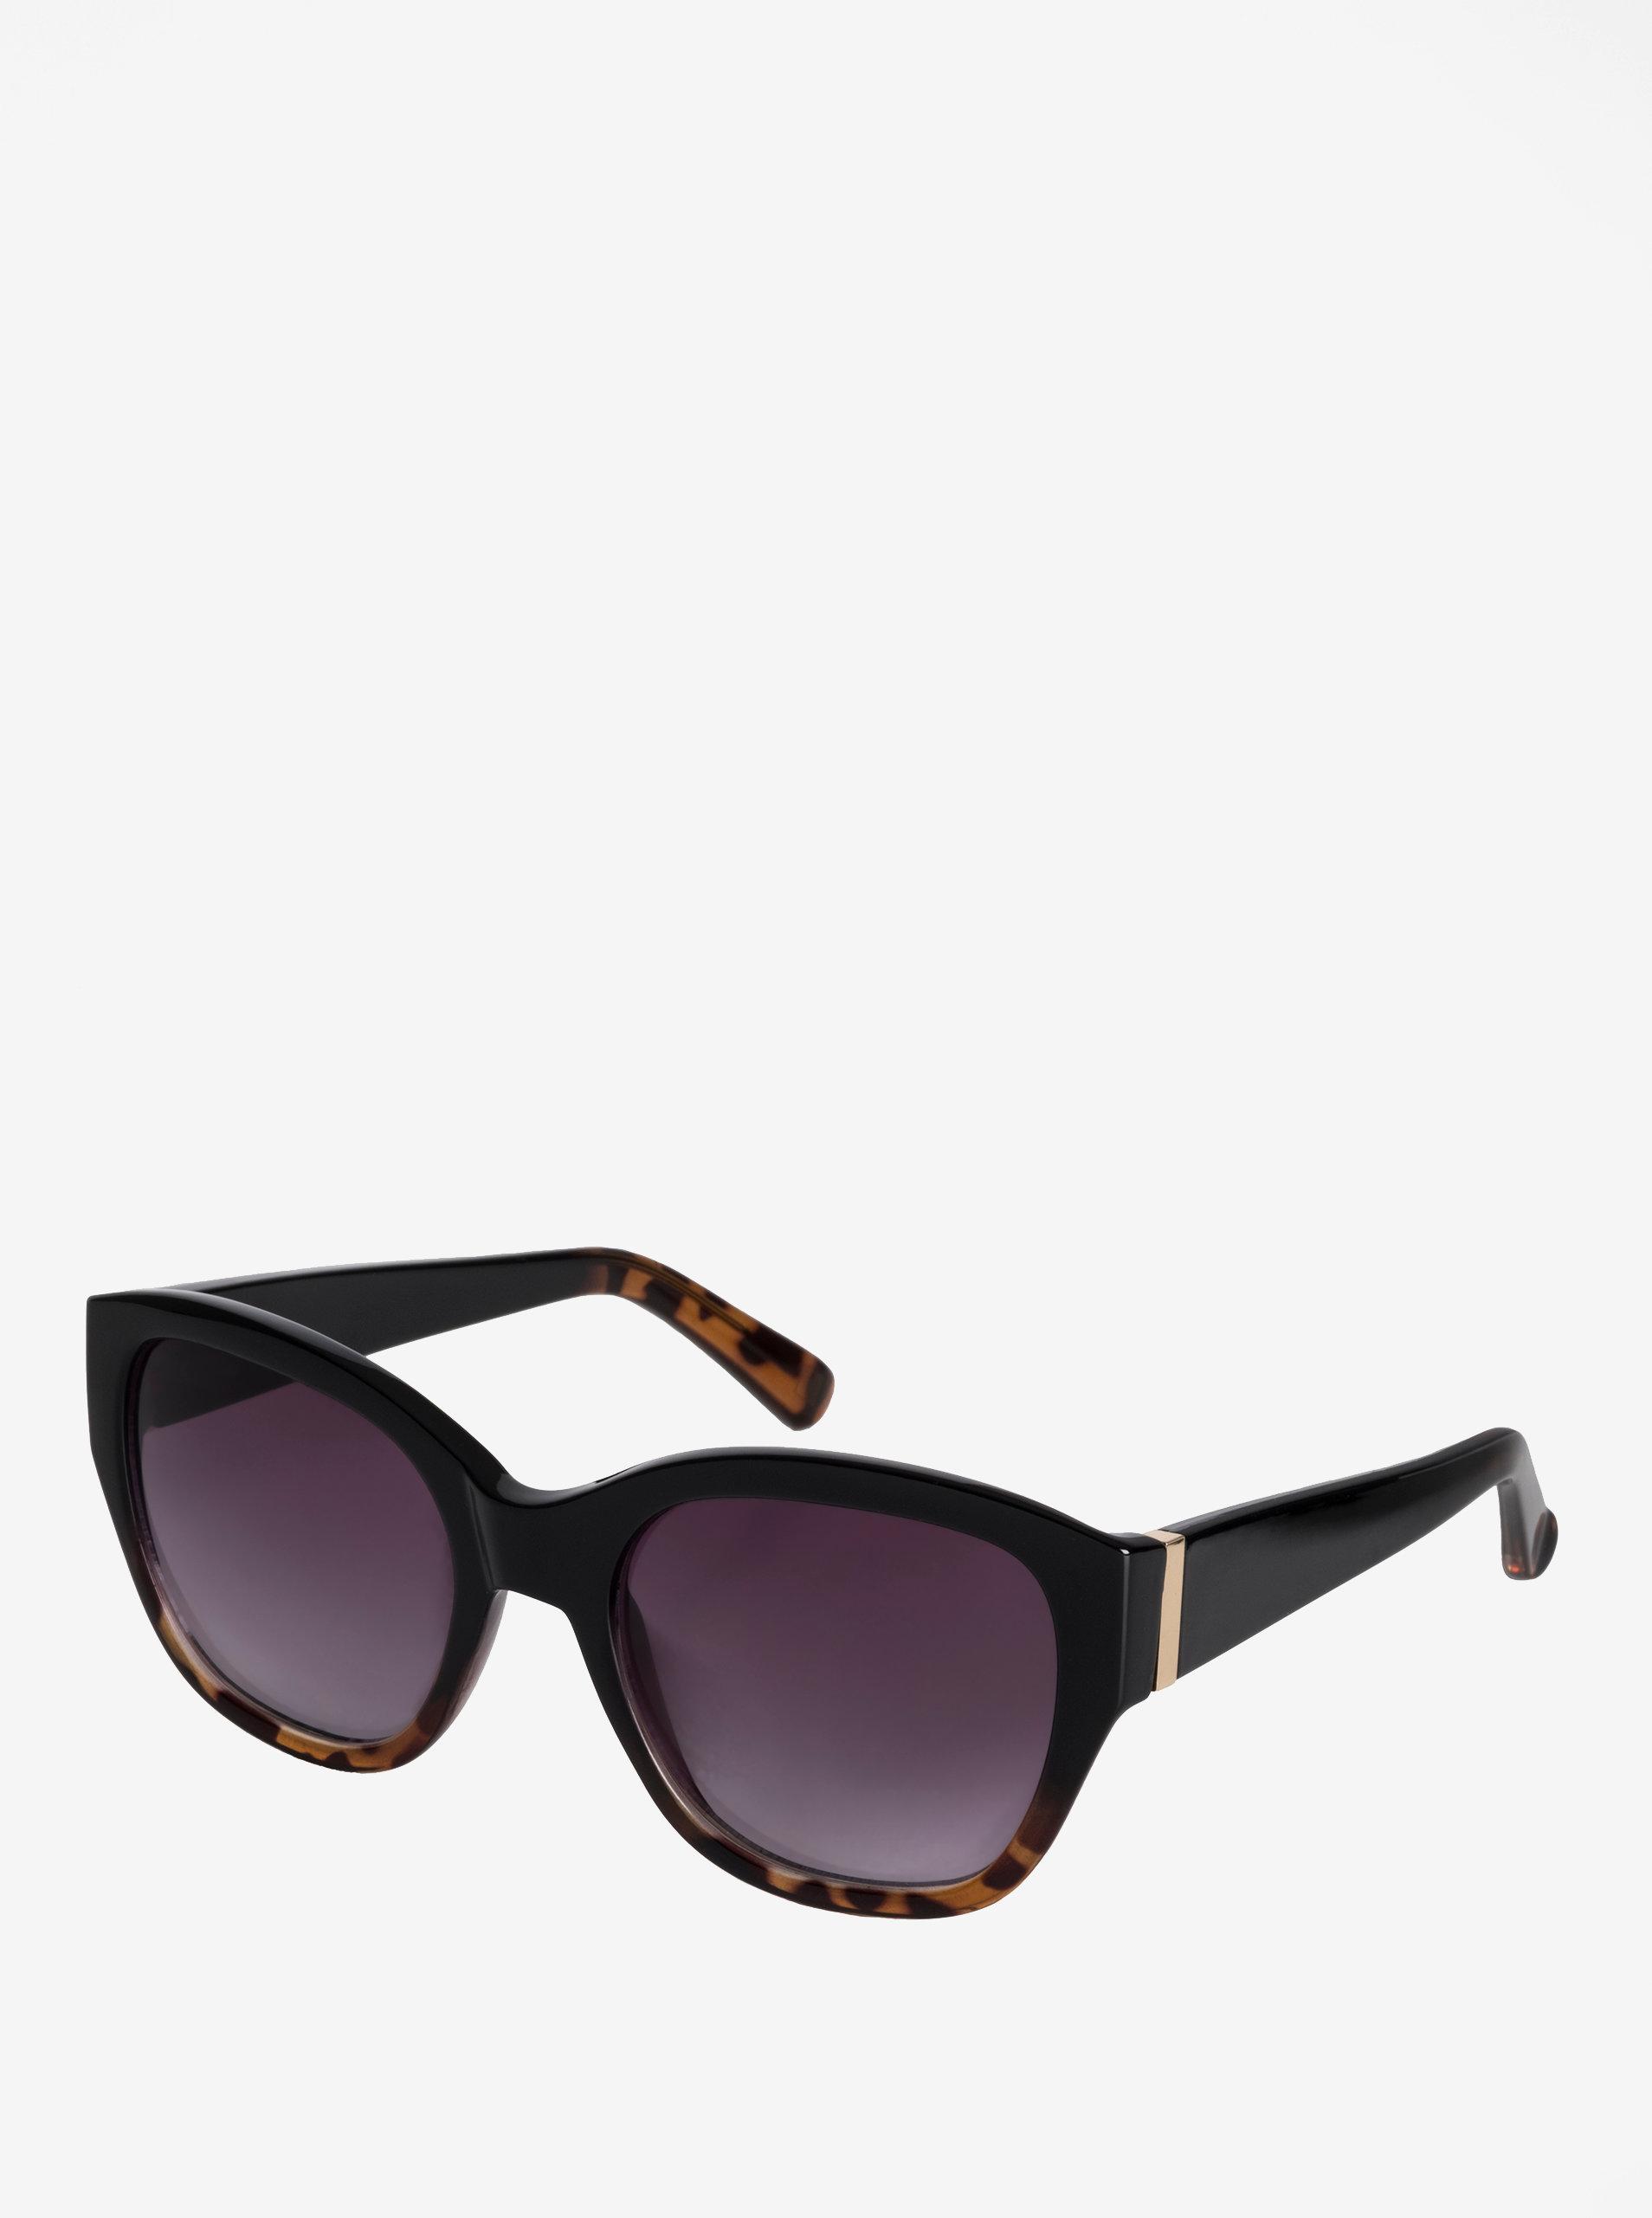 Čierne dámske slnečné okuliare s pozlátenými detailmi Pilgrim Edita ... 1063c47a216